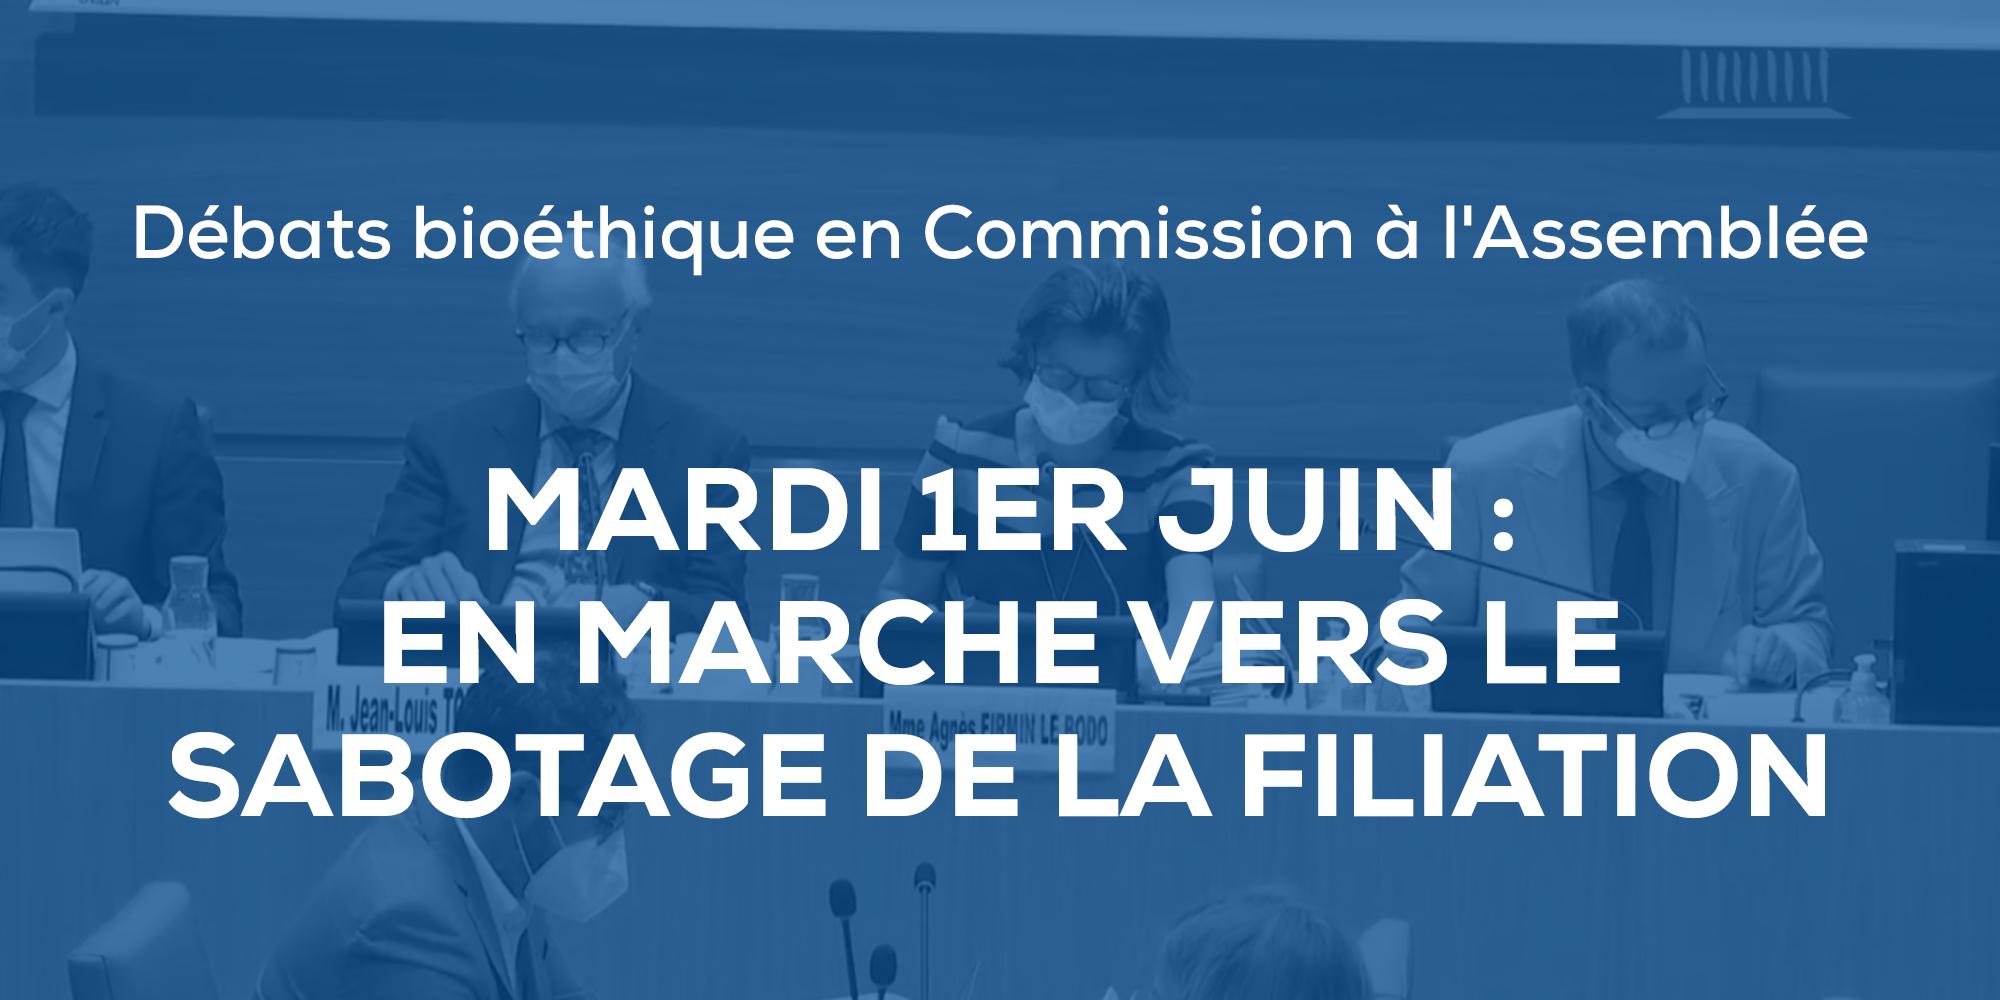 Image - Mardi 1er juin, débats bioéthique en Commission à l'Assemblée